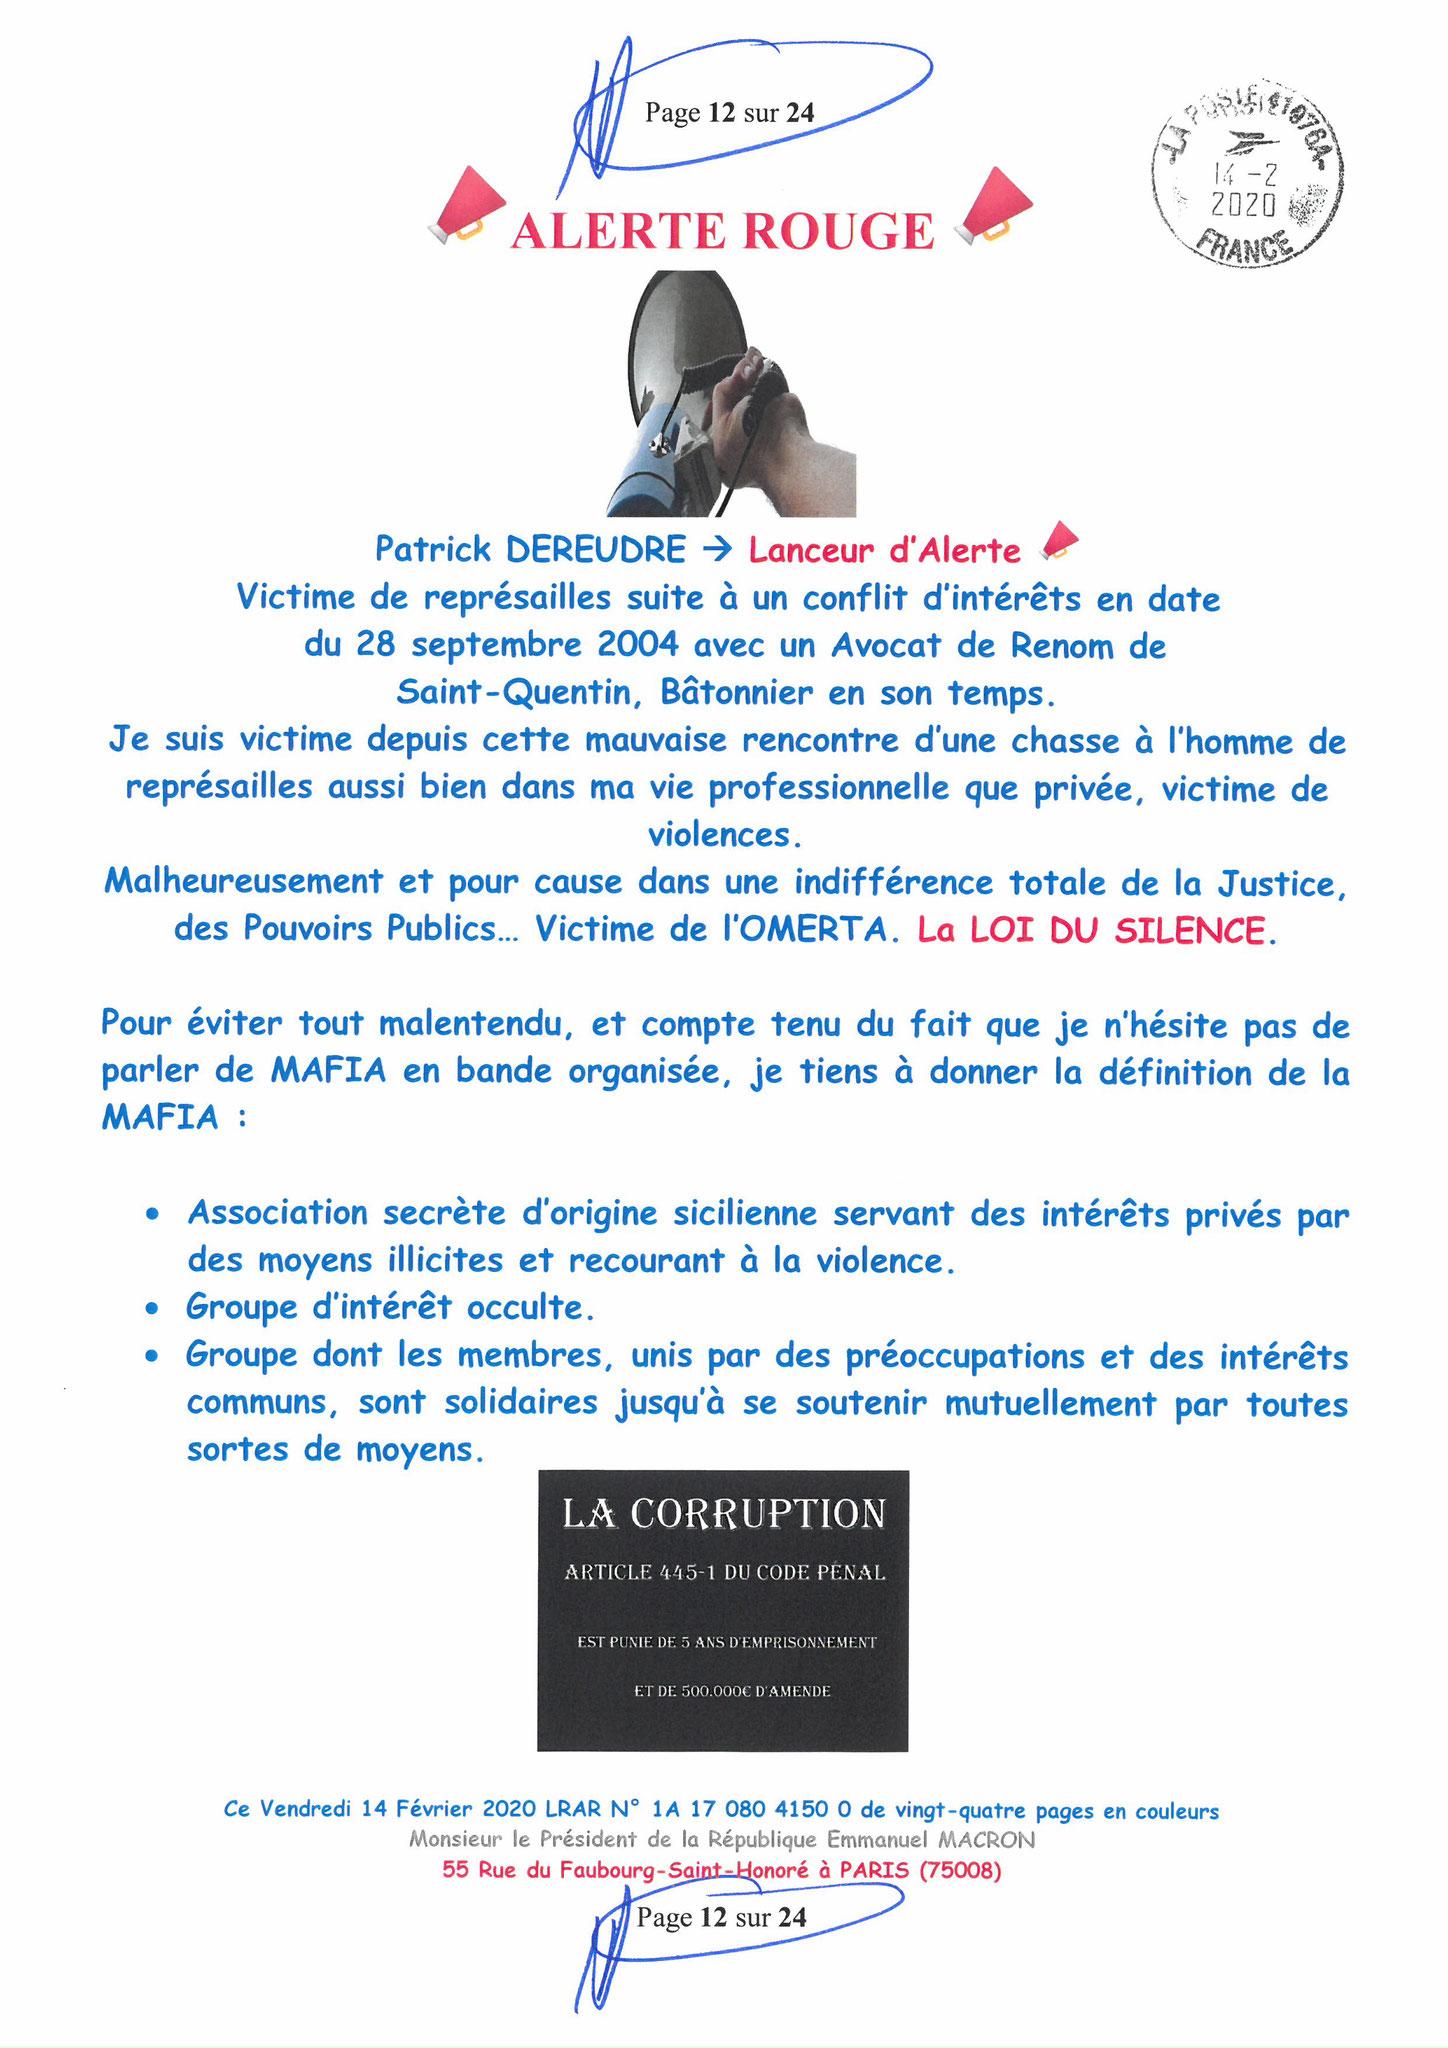 Ma lettre recommandée du 14 Février 2020 N° 1A 178 082 4150 0  page 12 sur 24 en couleur que j'ai adressé à Monsieur Emmanuel MACRON le Président de la République www.jesuispatrick.fr